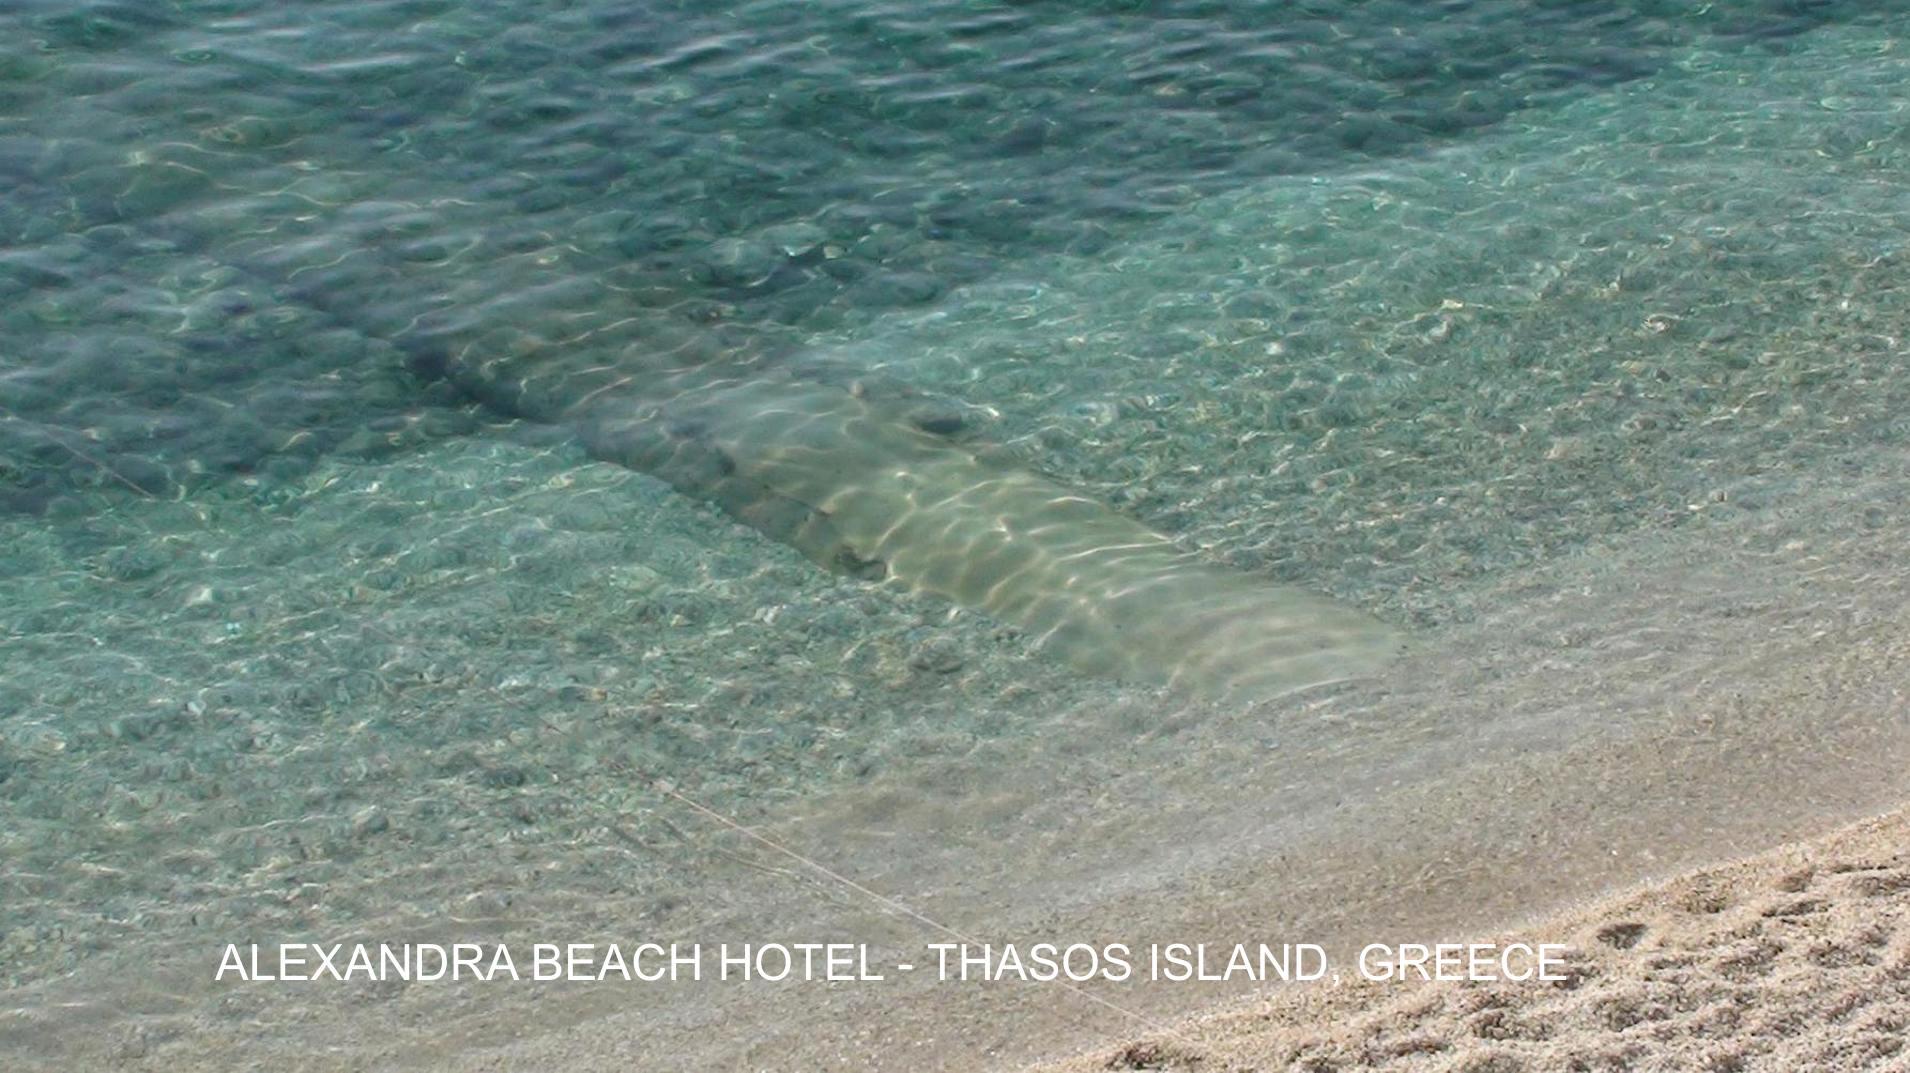 alexandra_beach_hotel1_1Groin_1910x1073